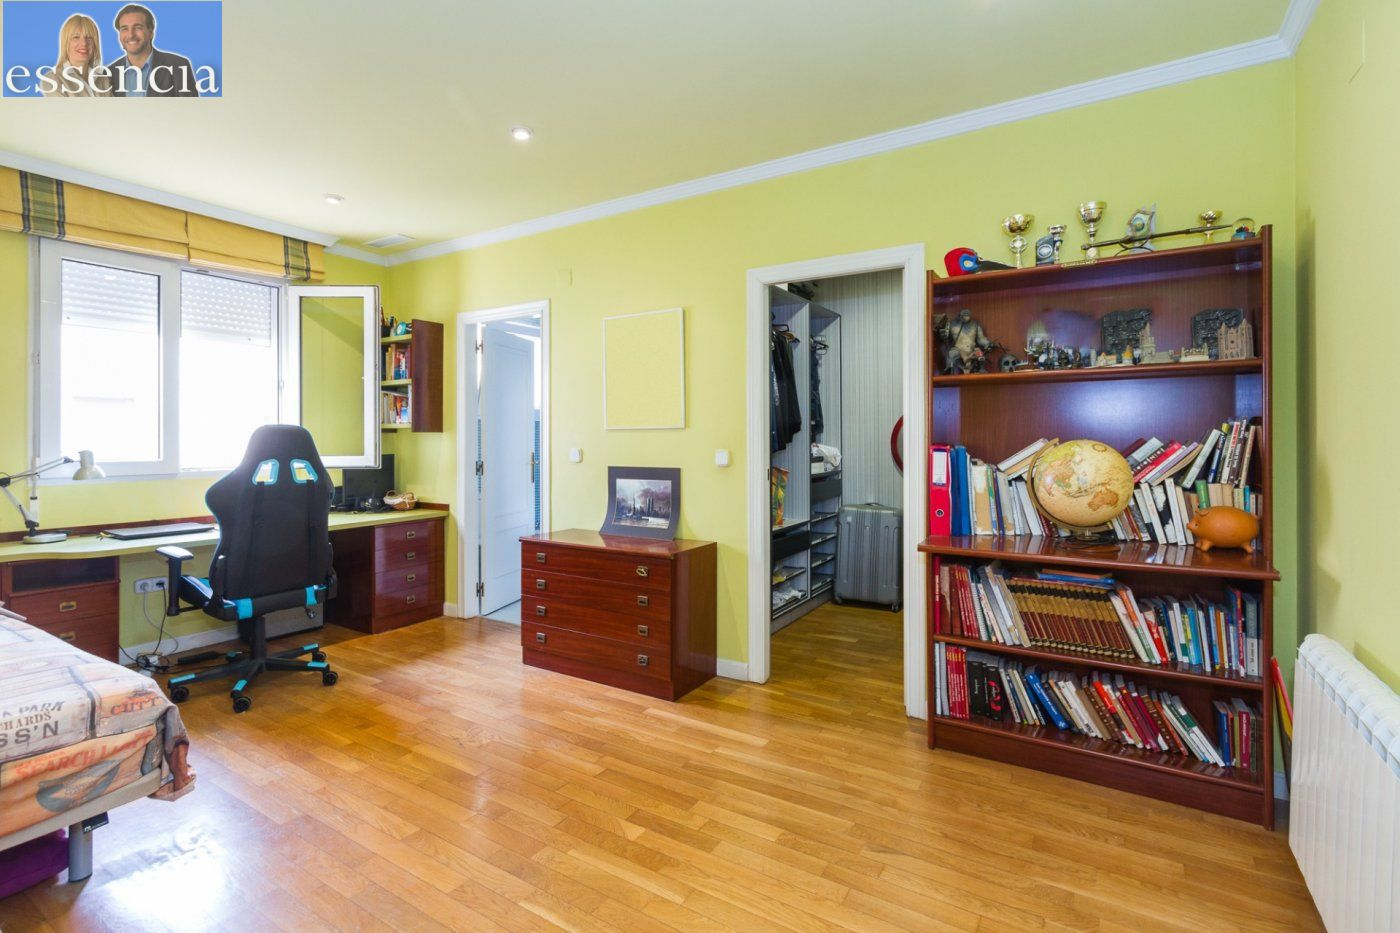 Casa con encanto en el centro de gandÍa para clientes vip - imagenInmueble26